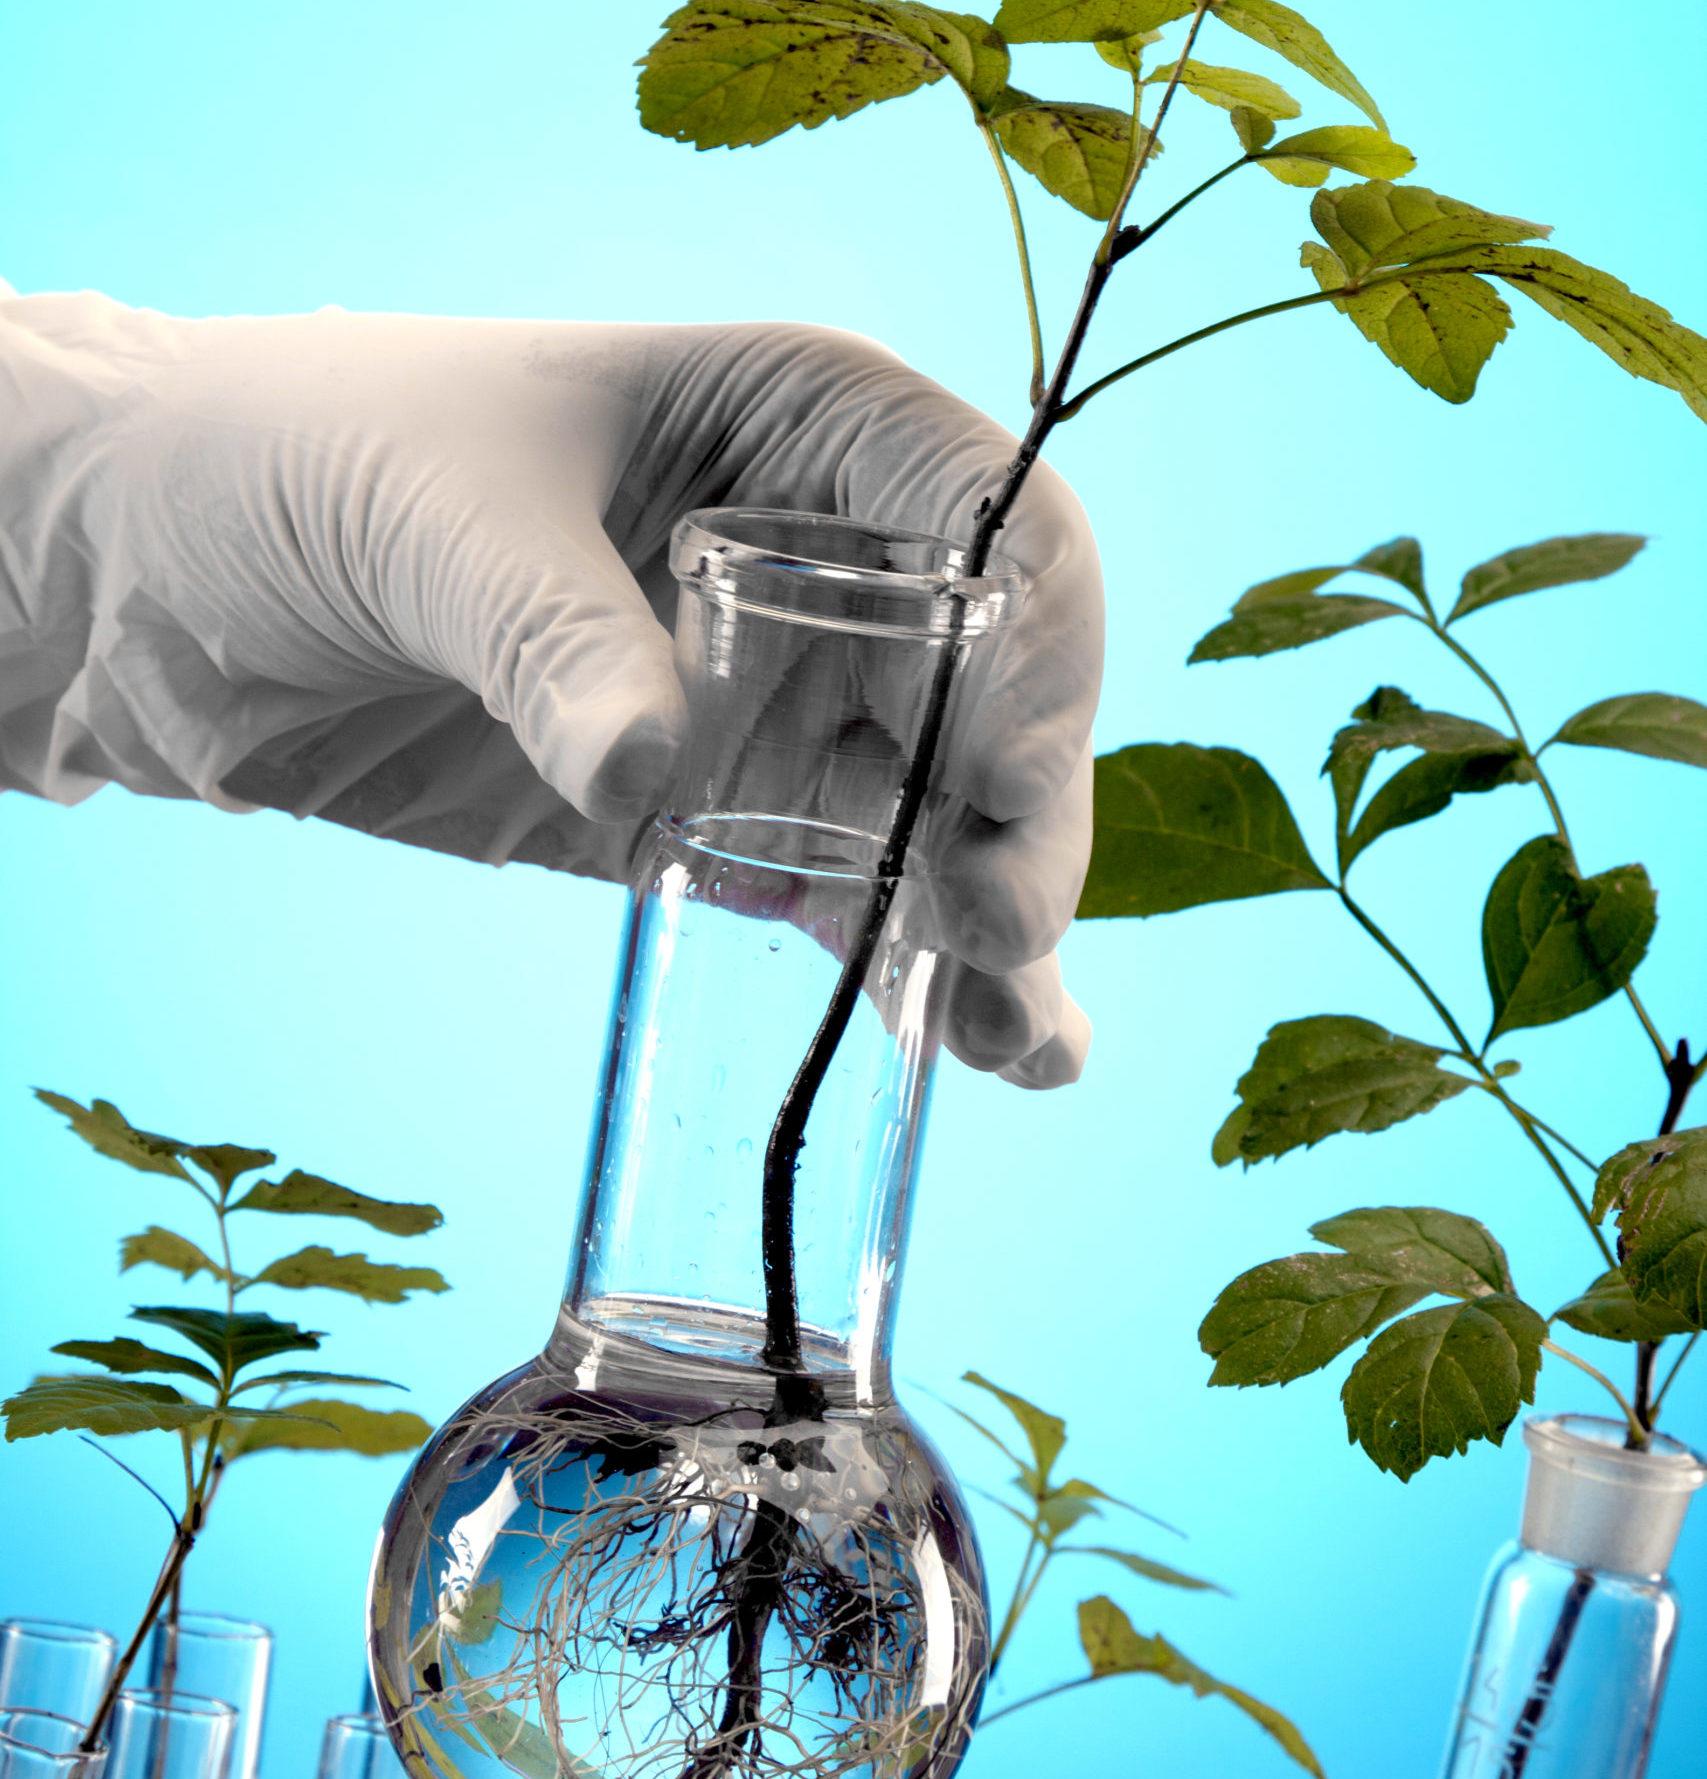 eine behandschuhte Hand hält ein Reagenzglas, in dem ein Pflanzentrieb mit Blättern oben und Wurzeln unten zu sehen ist